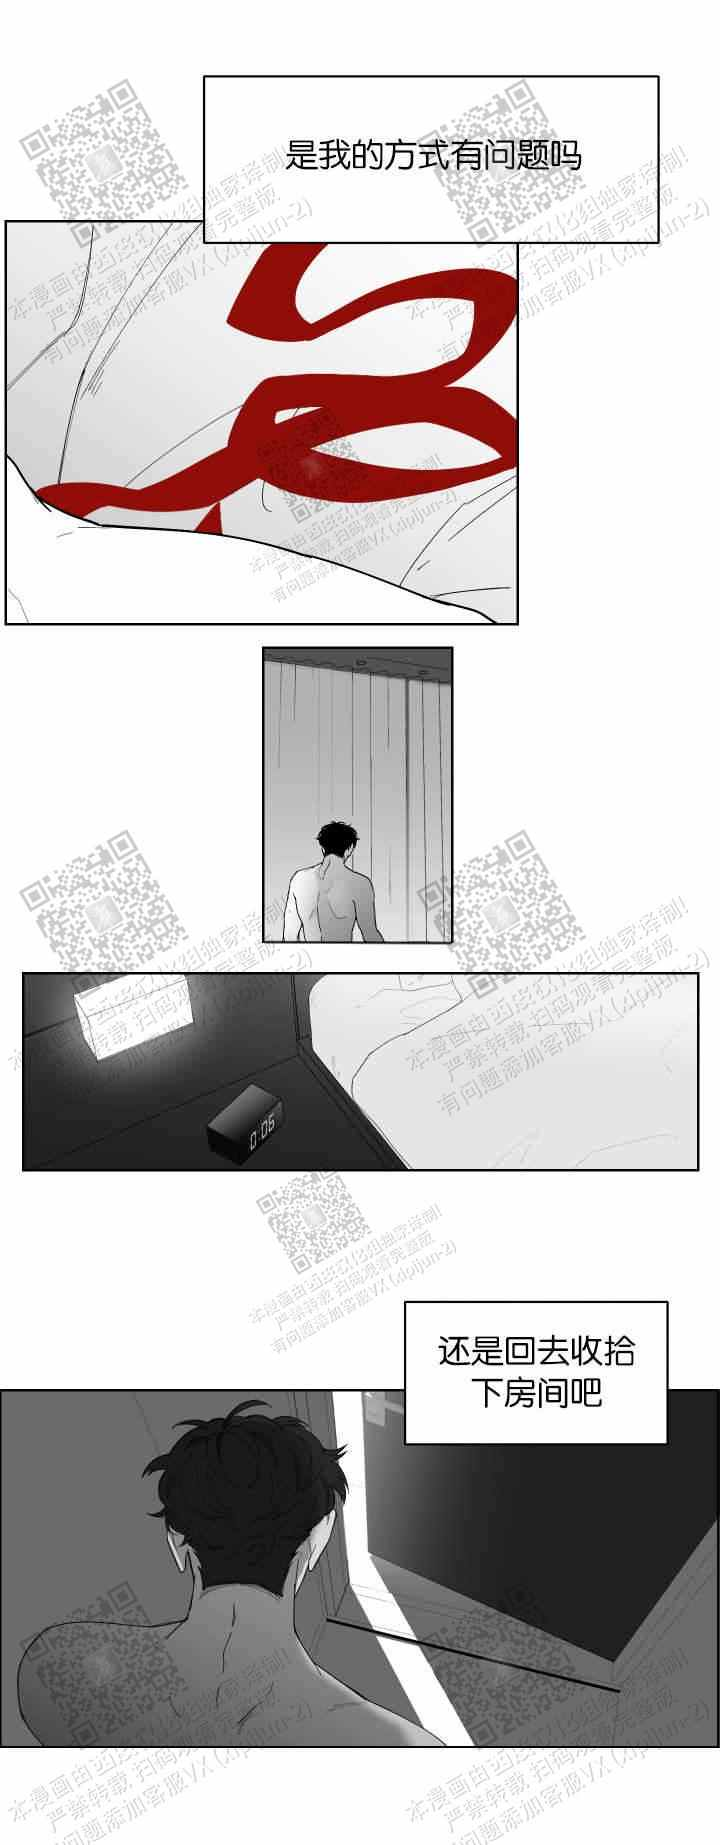 韩漫《赤色领域》  独特xp,给我你的手~